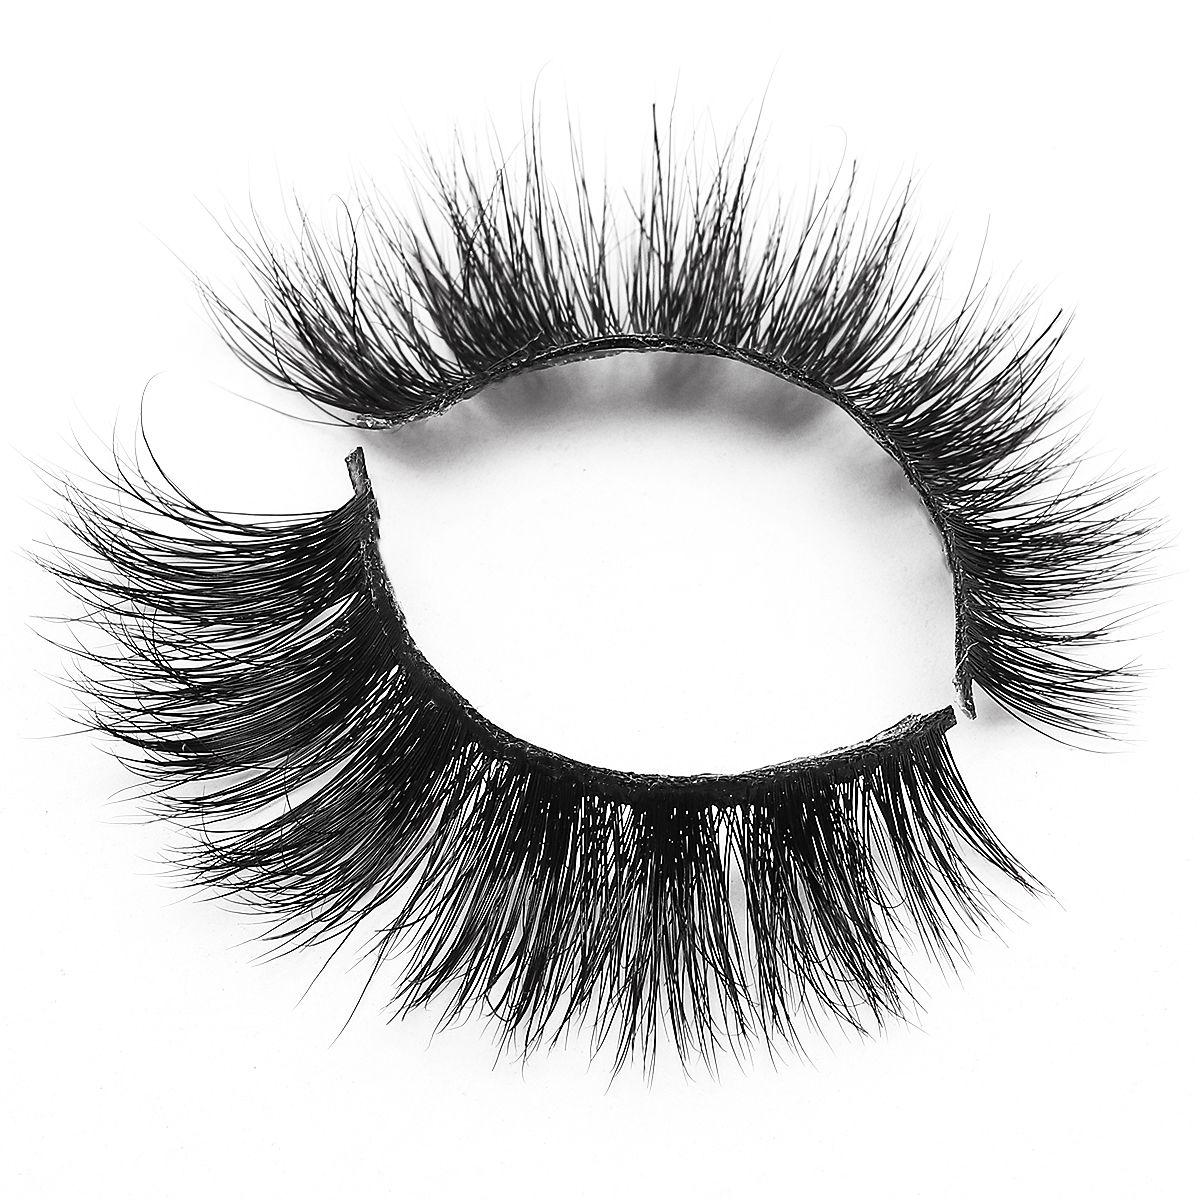 [Mink falsche Wimpern-Mx05] Großhandel 100% real 5d Nerz Haar einzelne ein Paar falsche Wimpern Wimpernverlängerung Lieferant